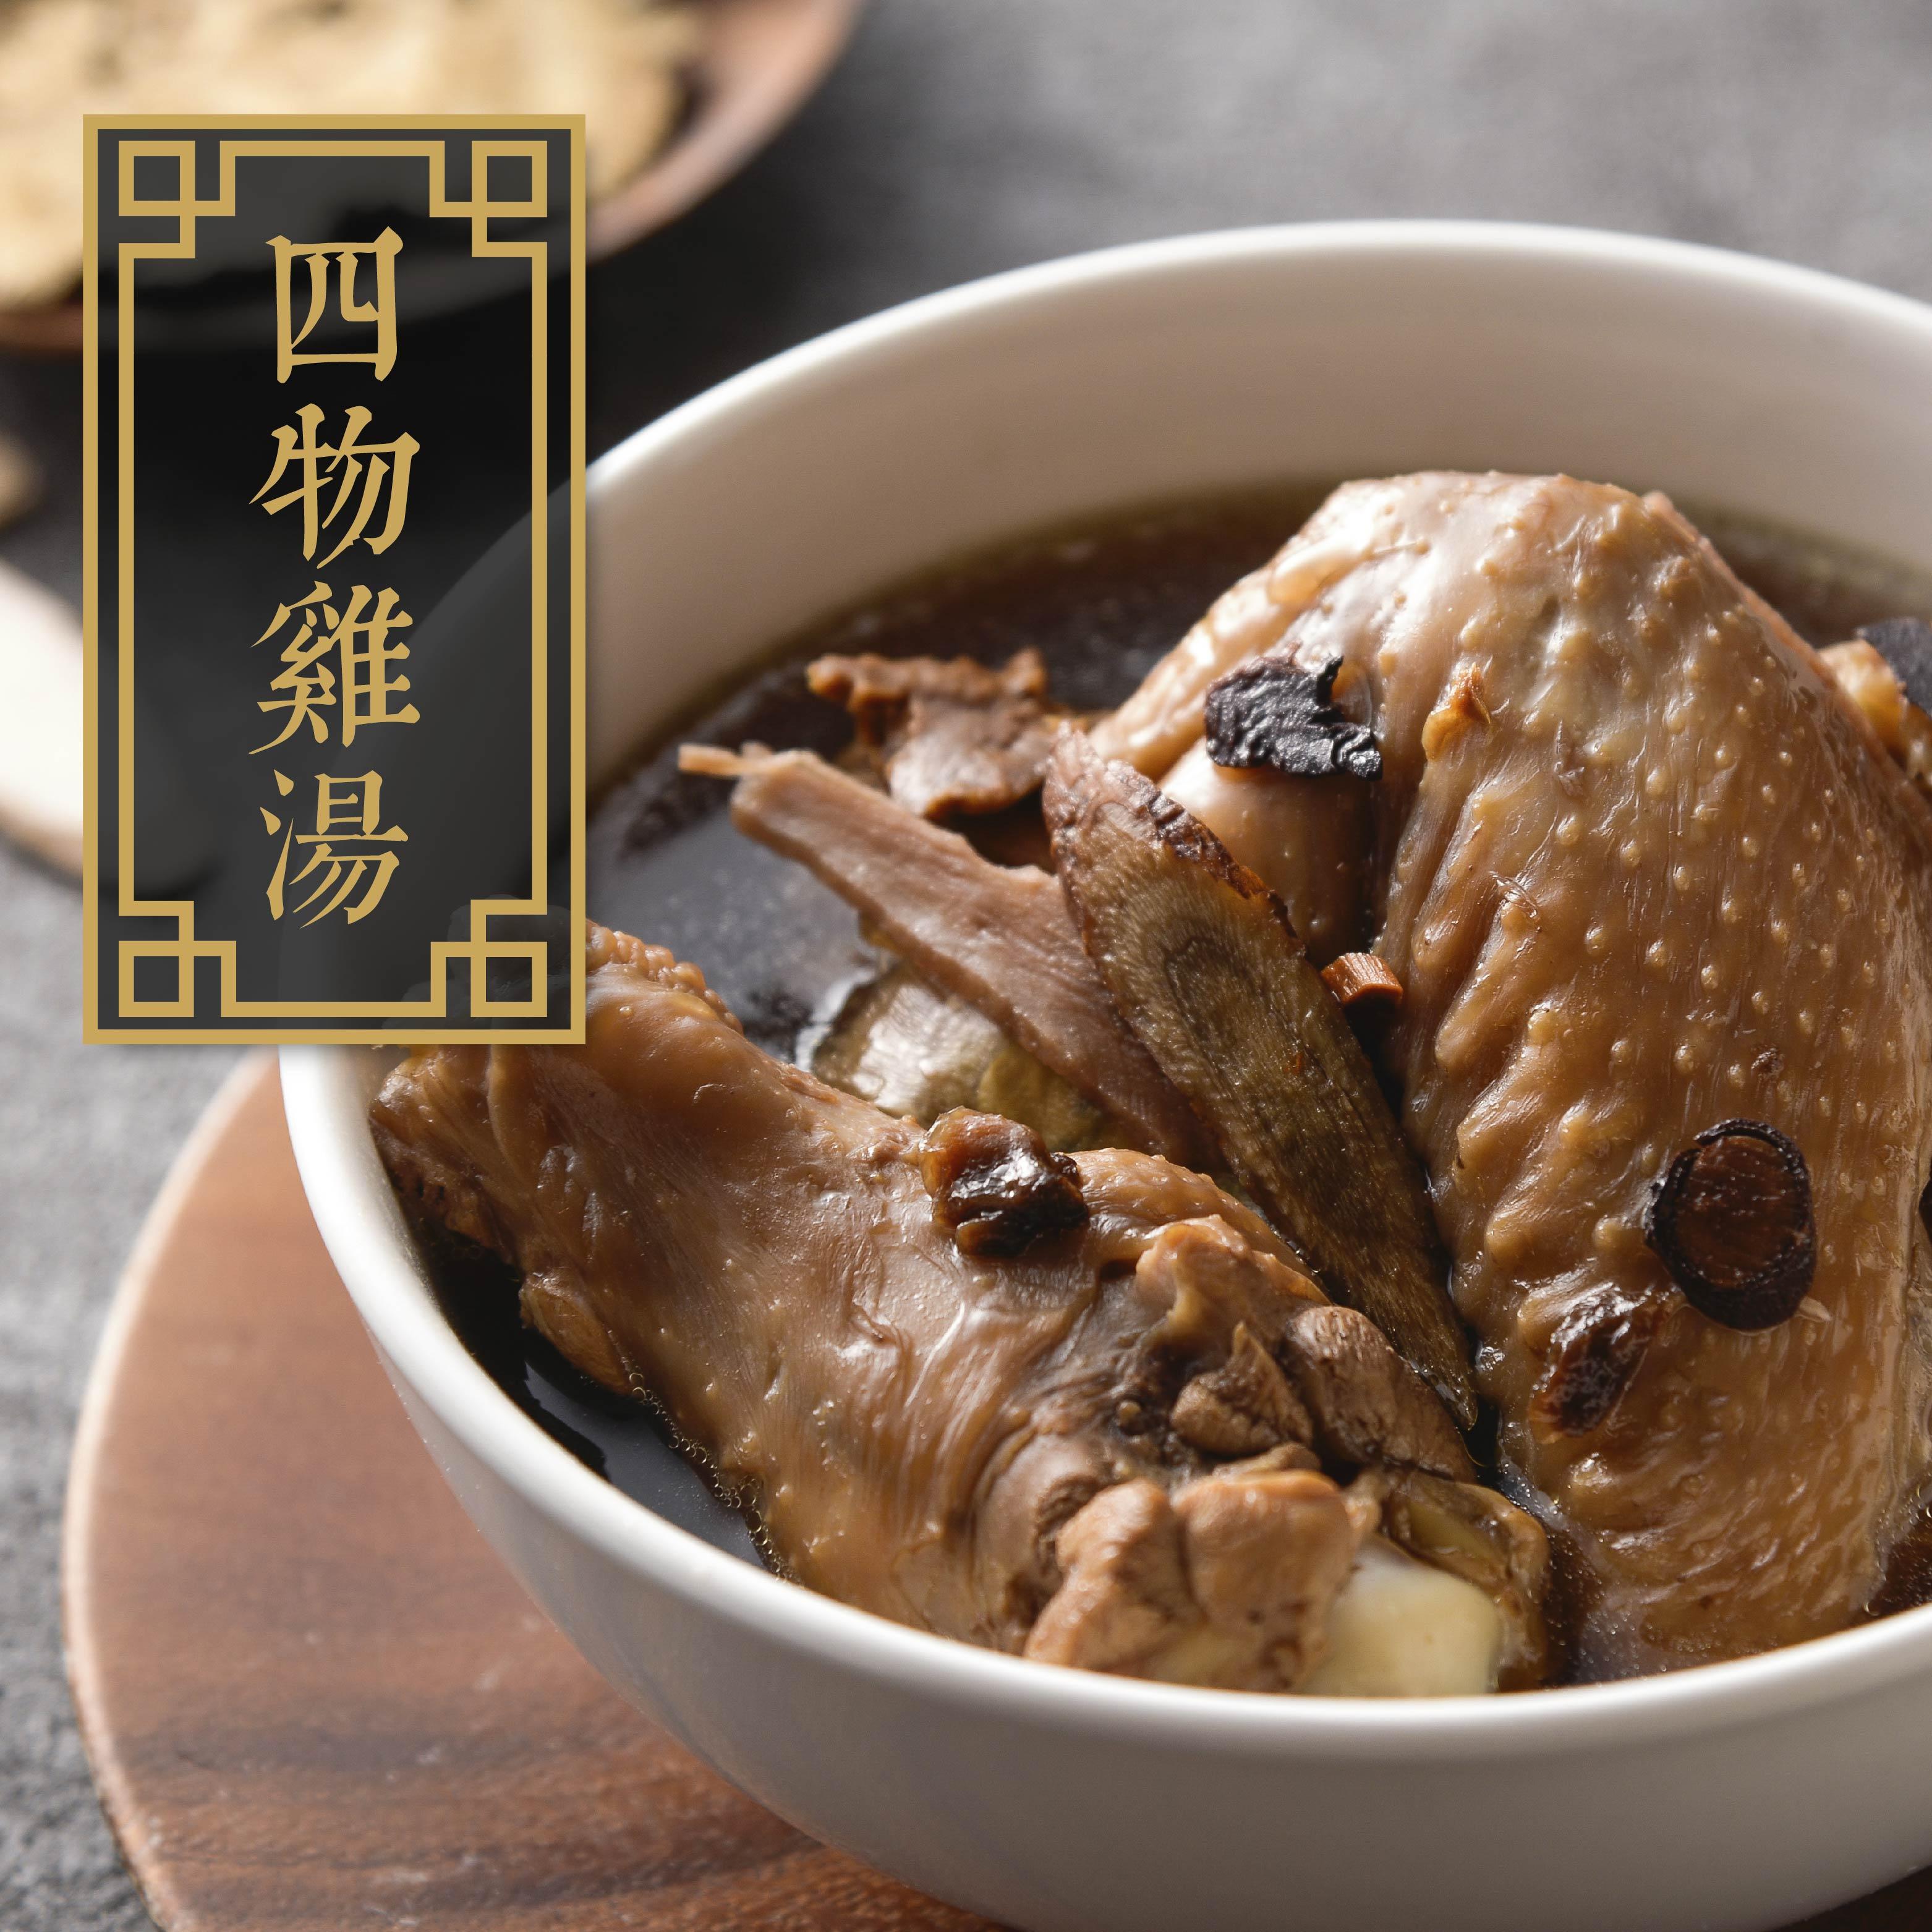 【鮮之食府】四物雞湯/600g/包  放山土雞燉煮而成美味燉湯/《二腿二翅 /包 》短短開賣供不應求